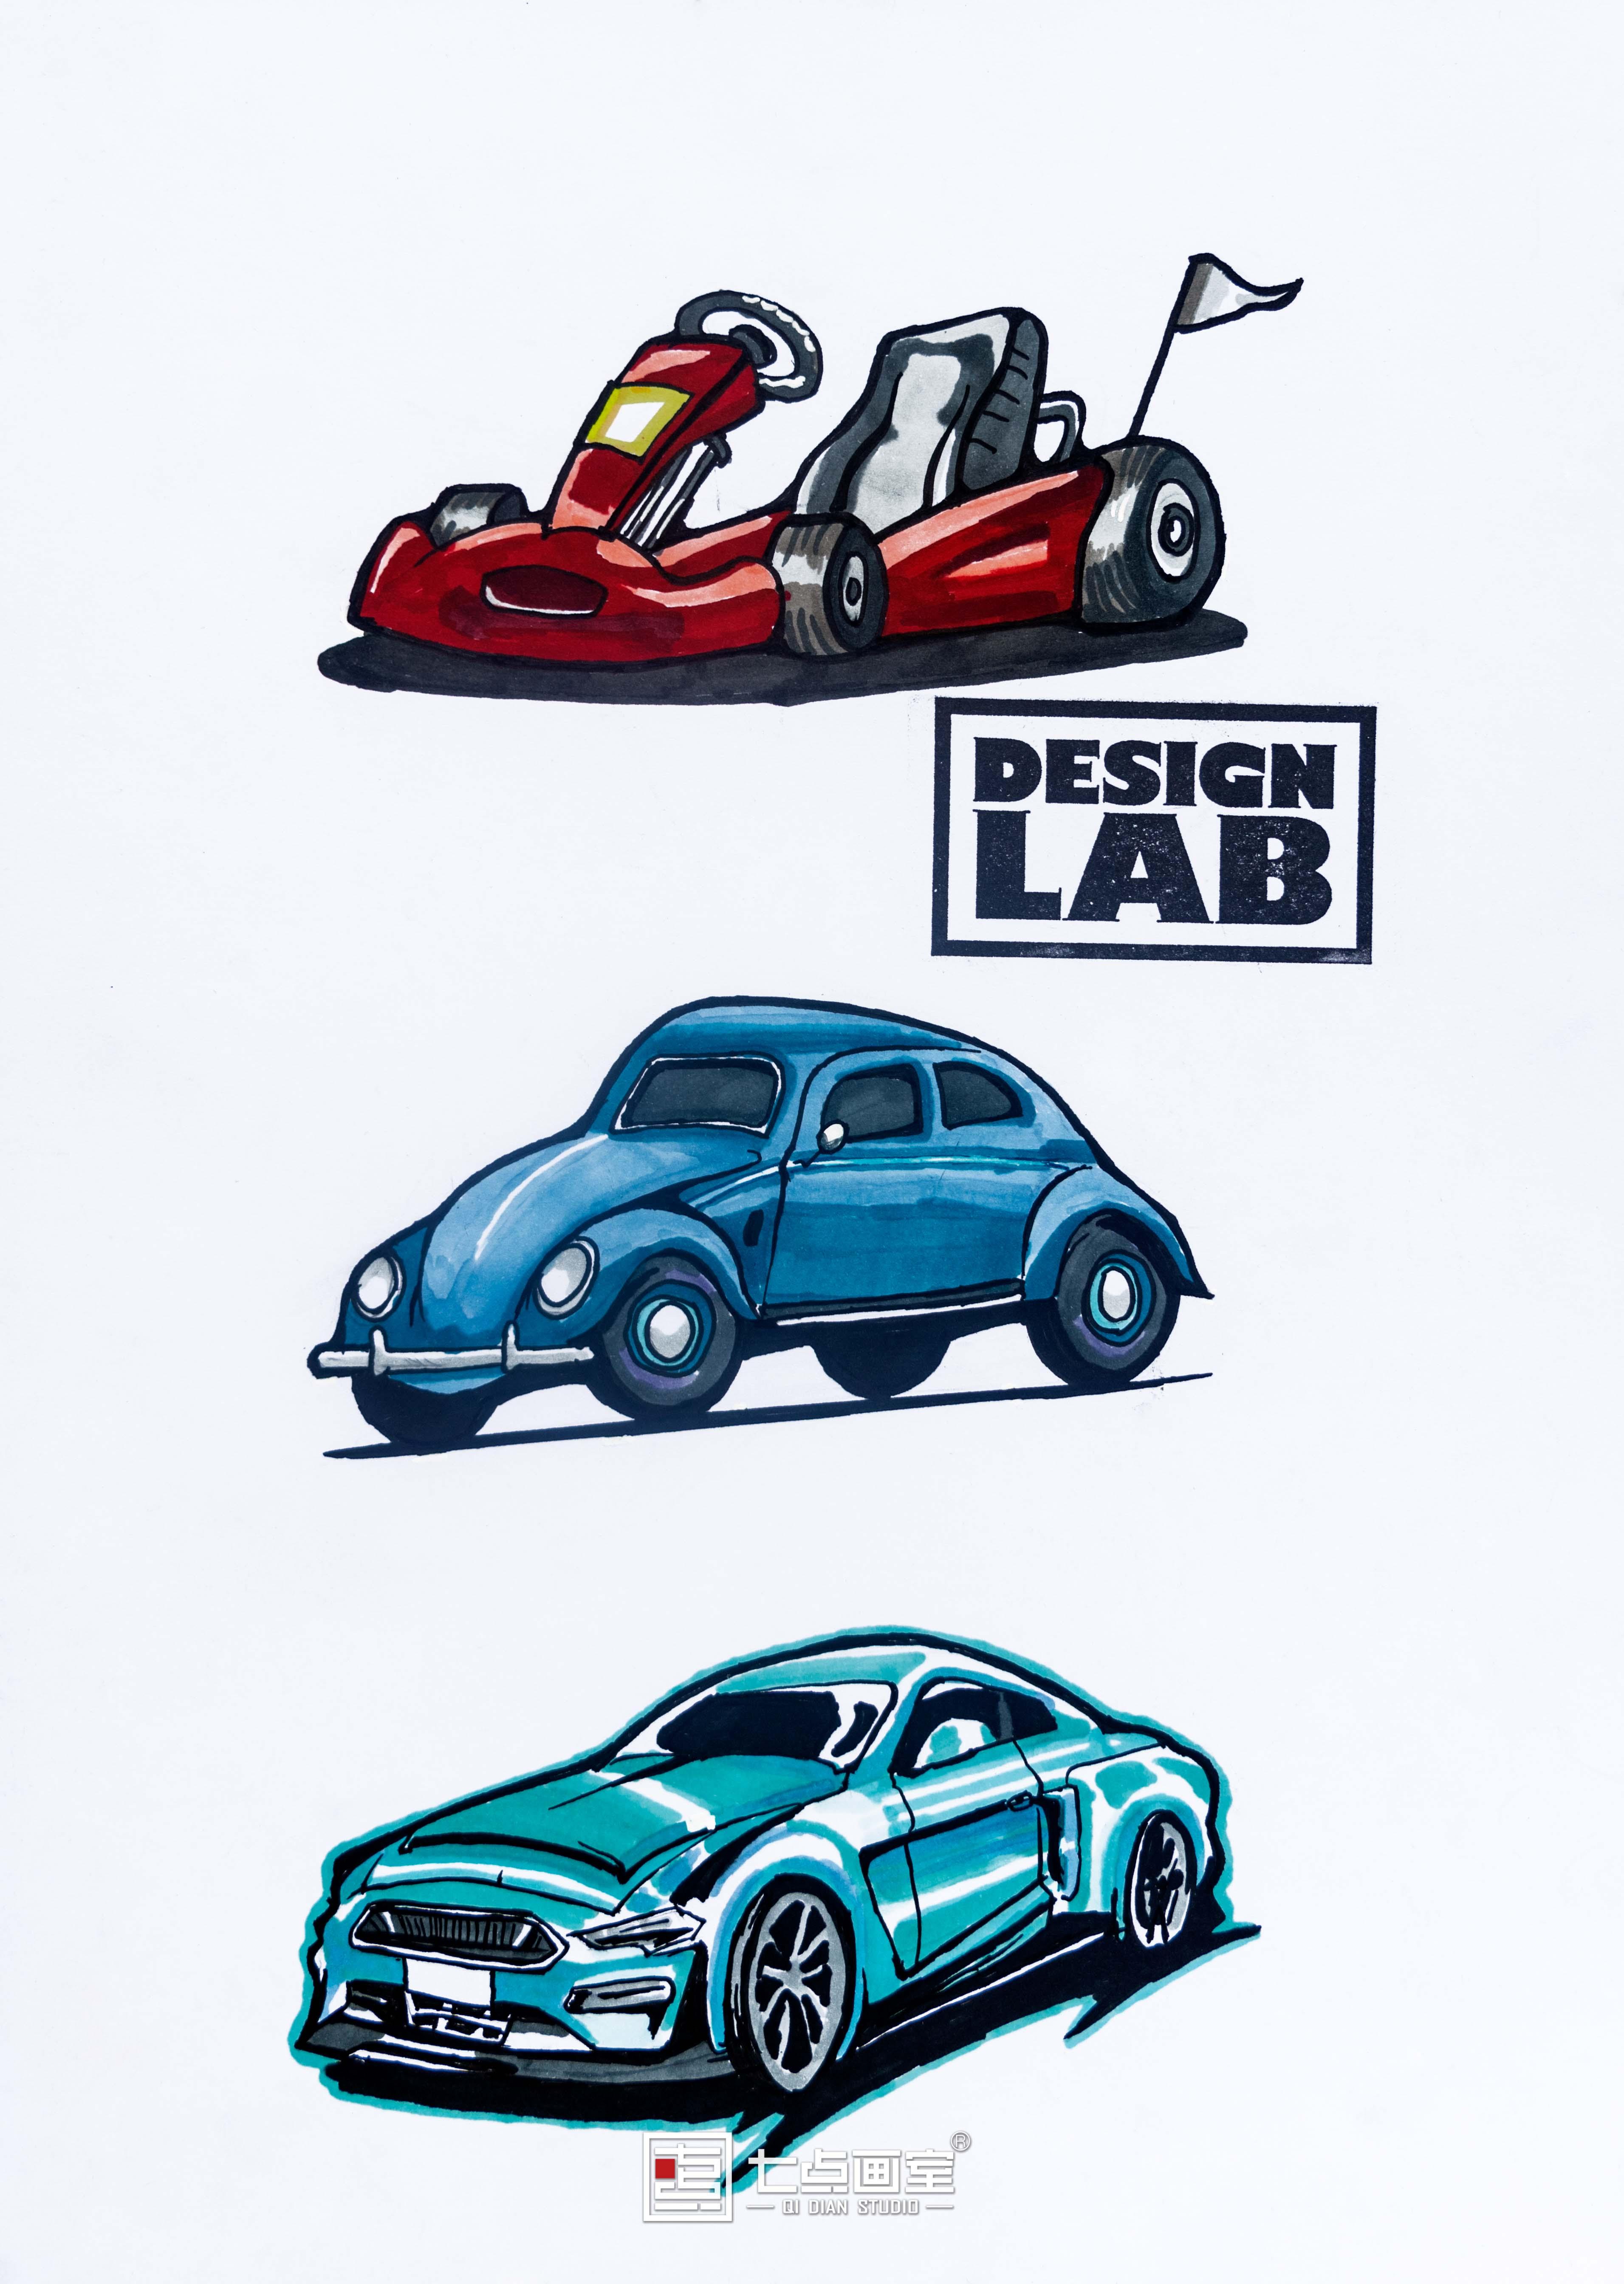 七点「设计基础课」为梦想努力的你们都很酷